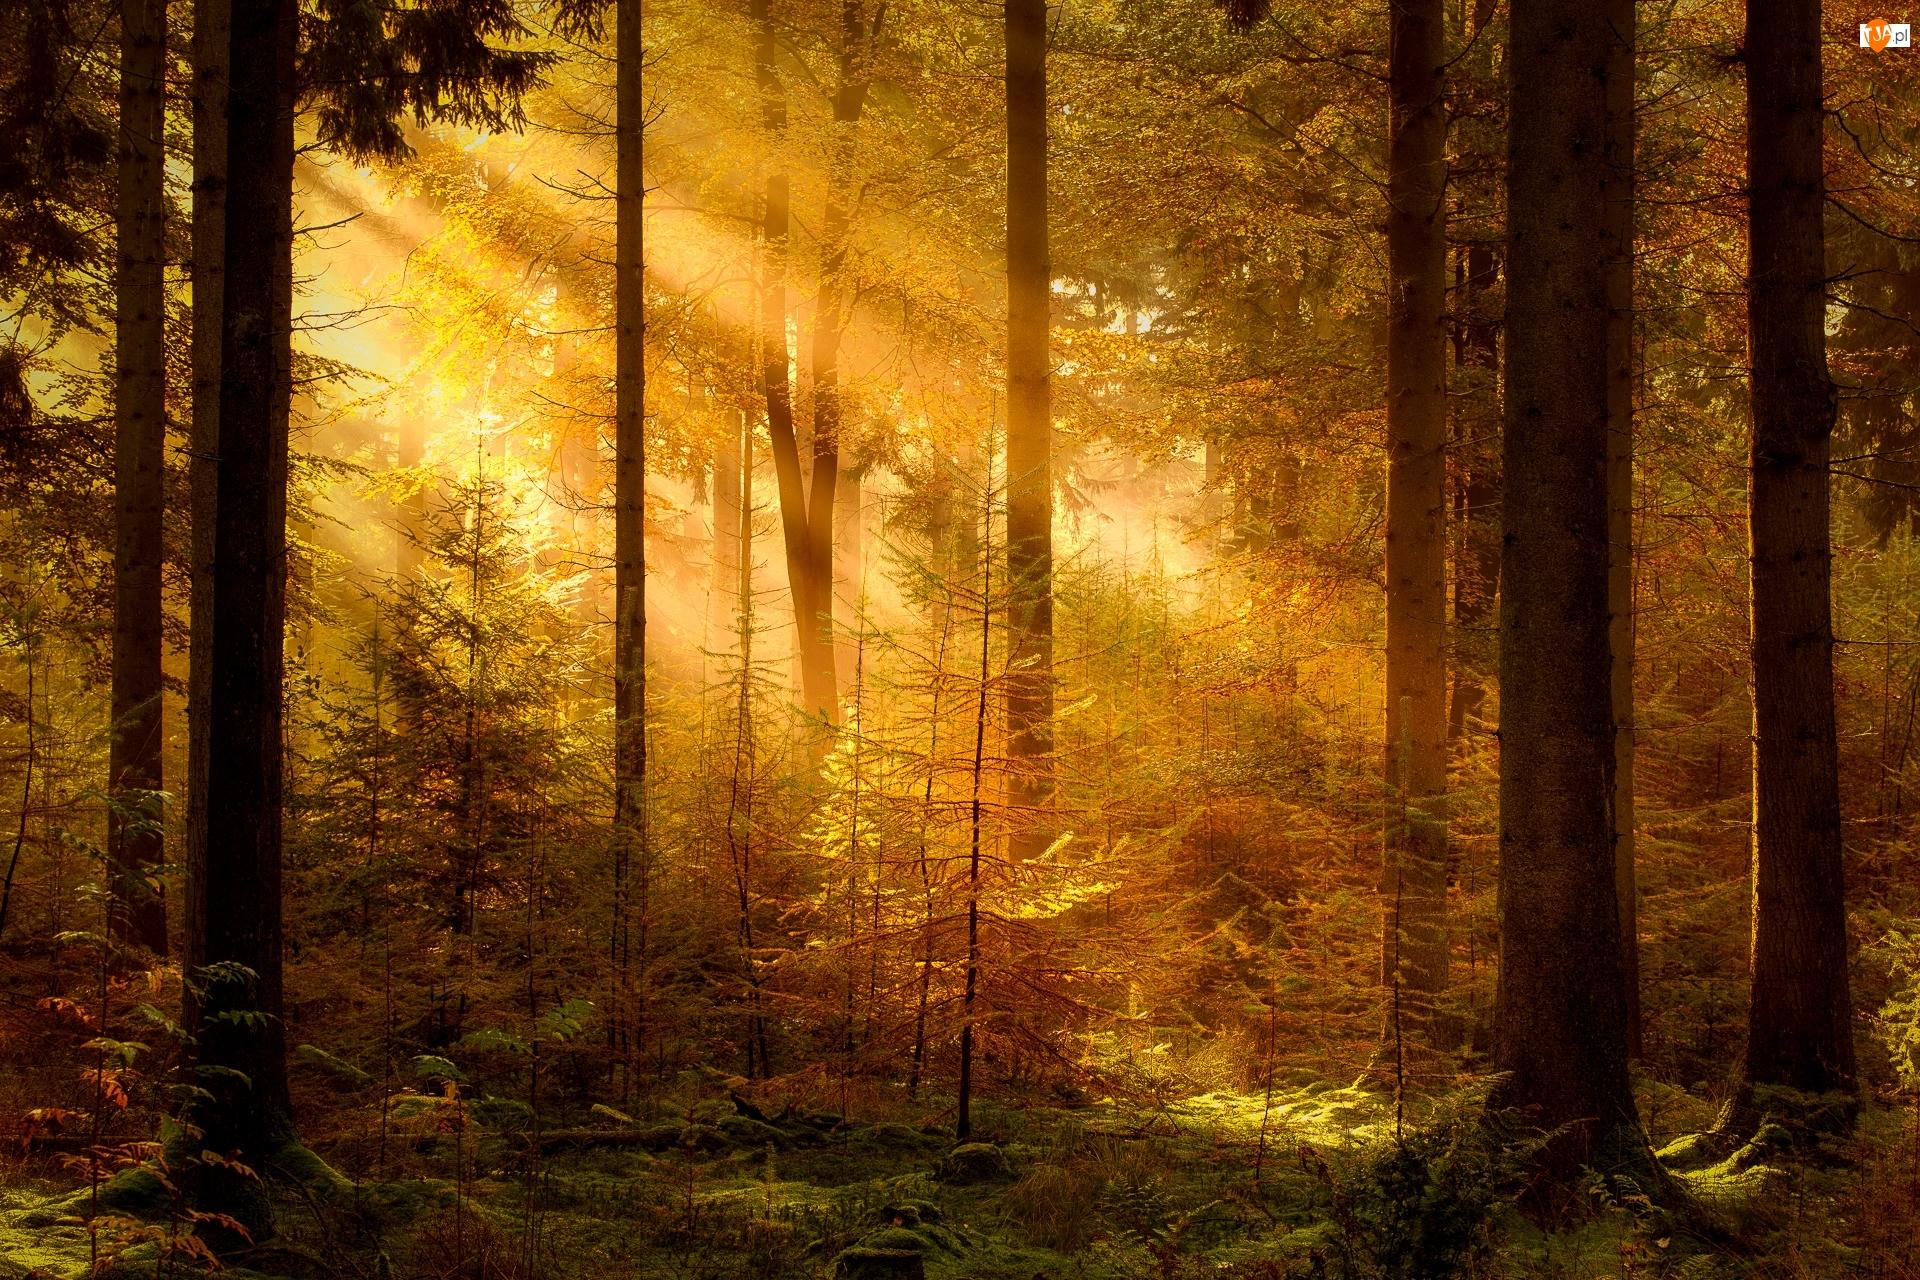 Rośliny, Las, Przebijające światło, Drzewa